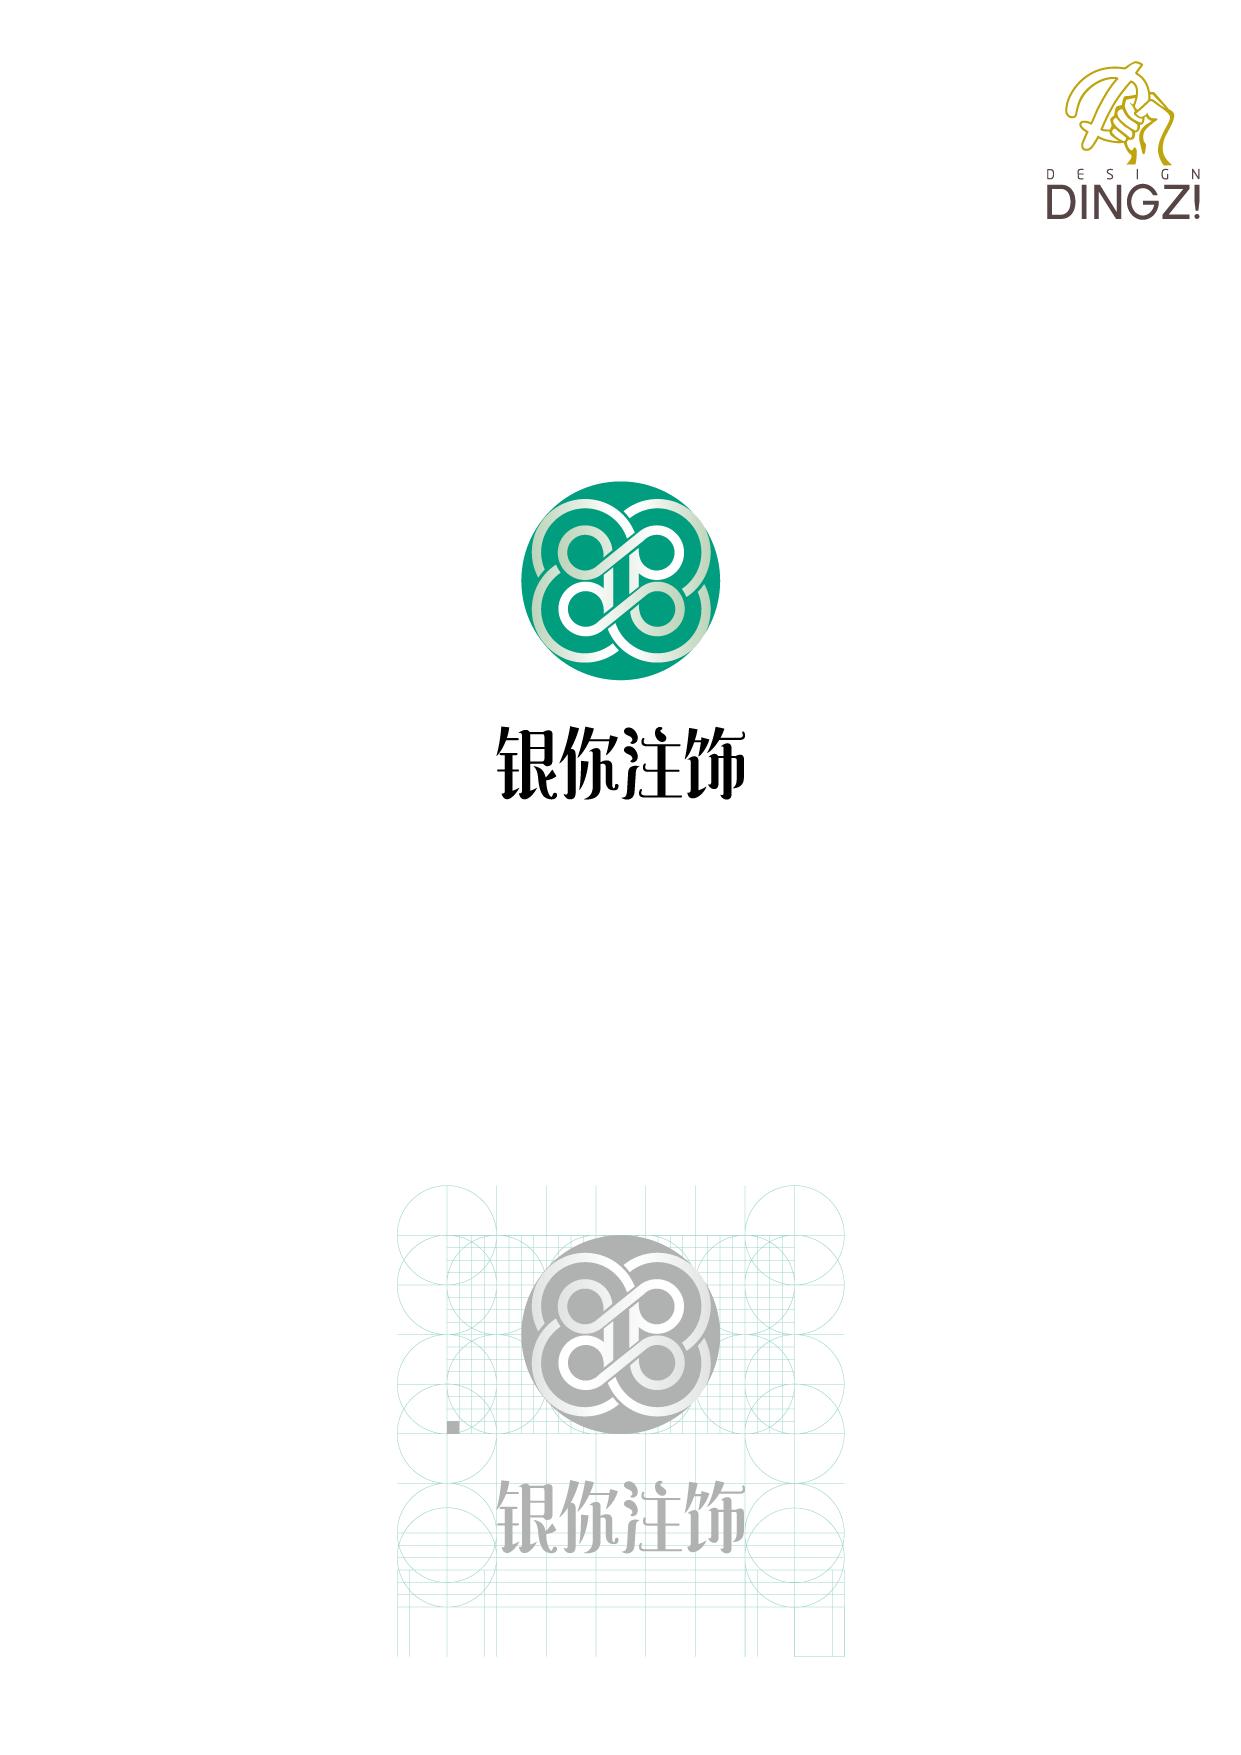 银饰logo设计_2952508_k68威客网